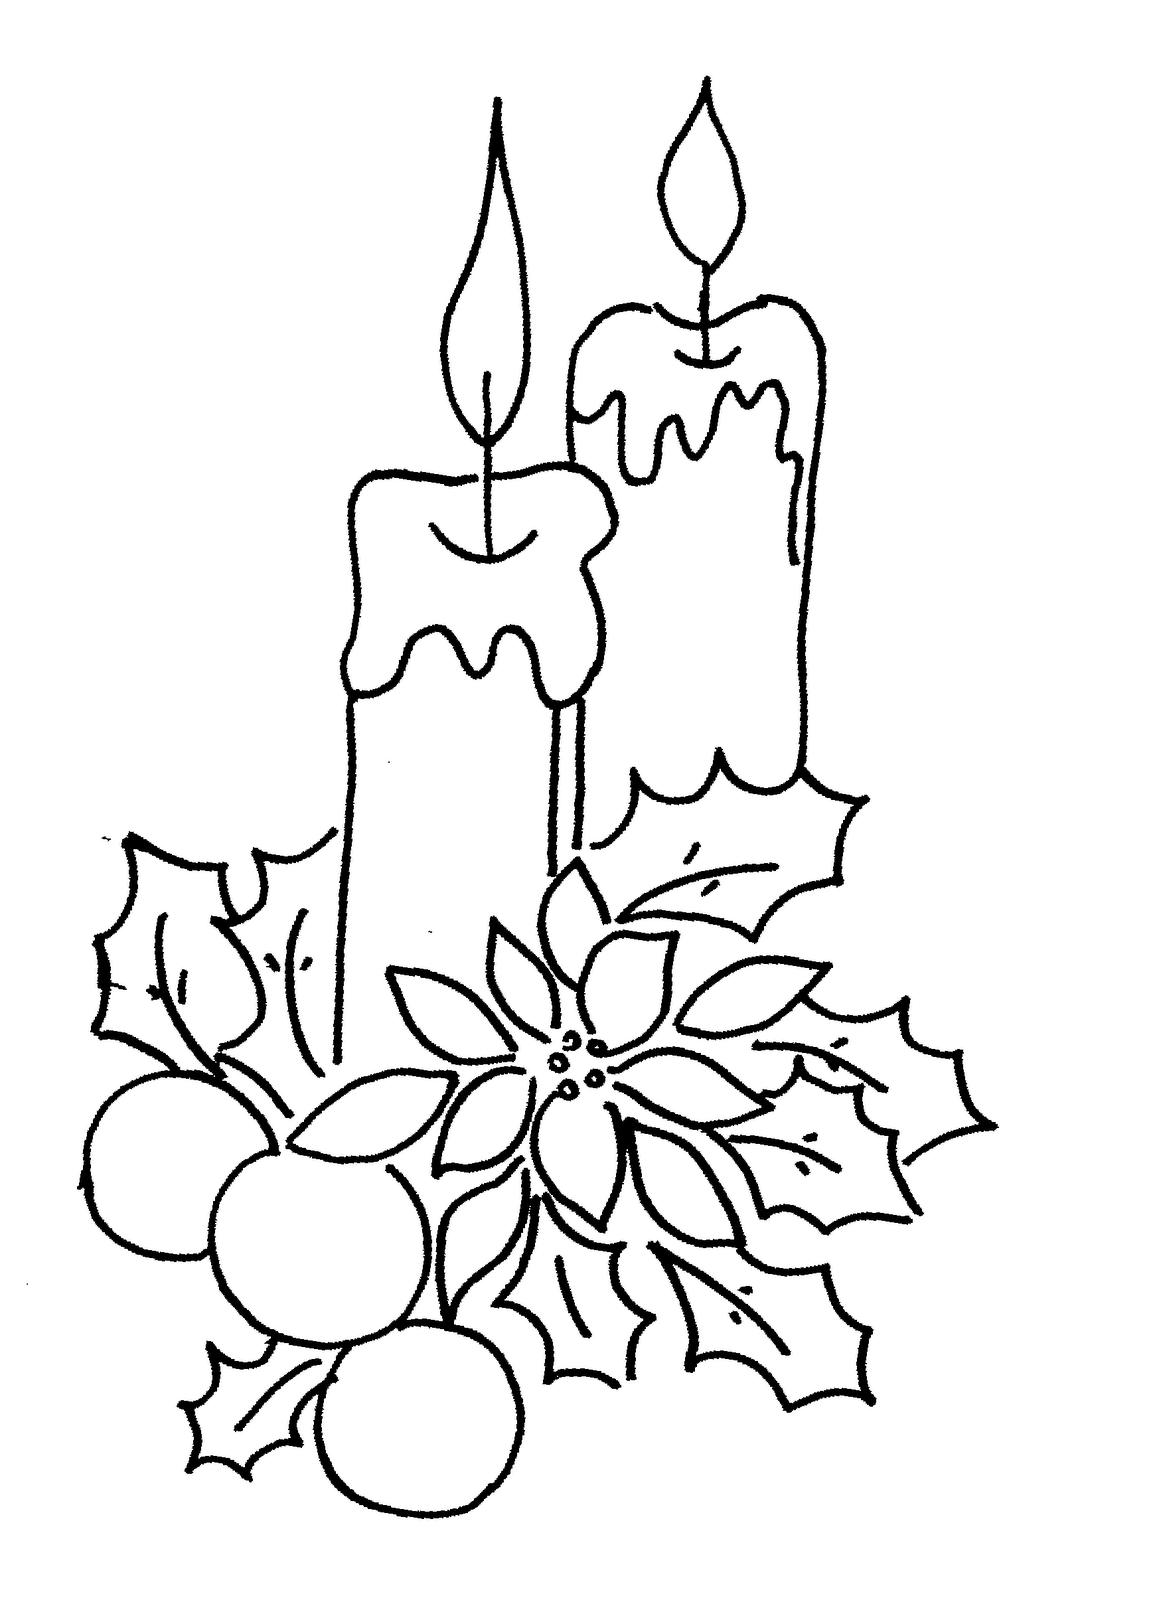 Velas para colorir. | figura del reno | Pinterest | Dibujos para ...